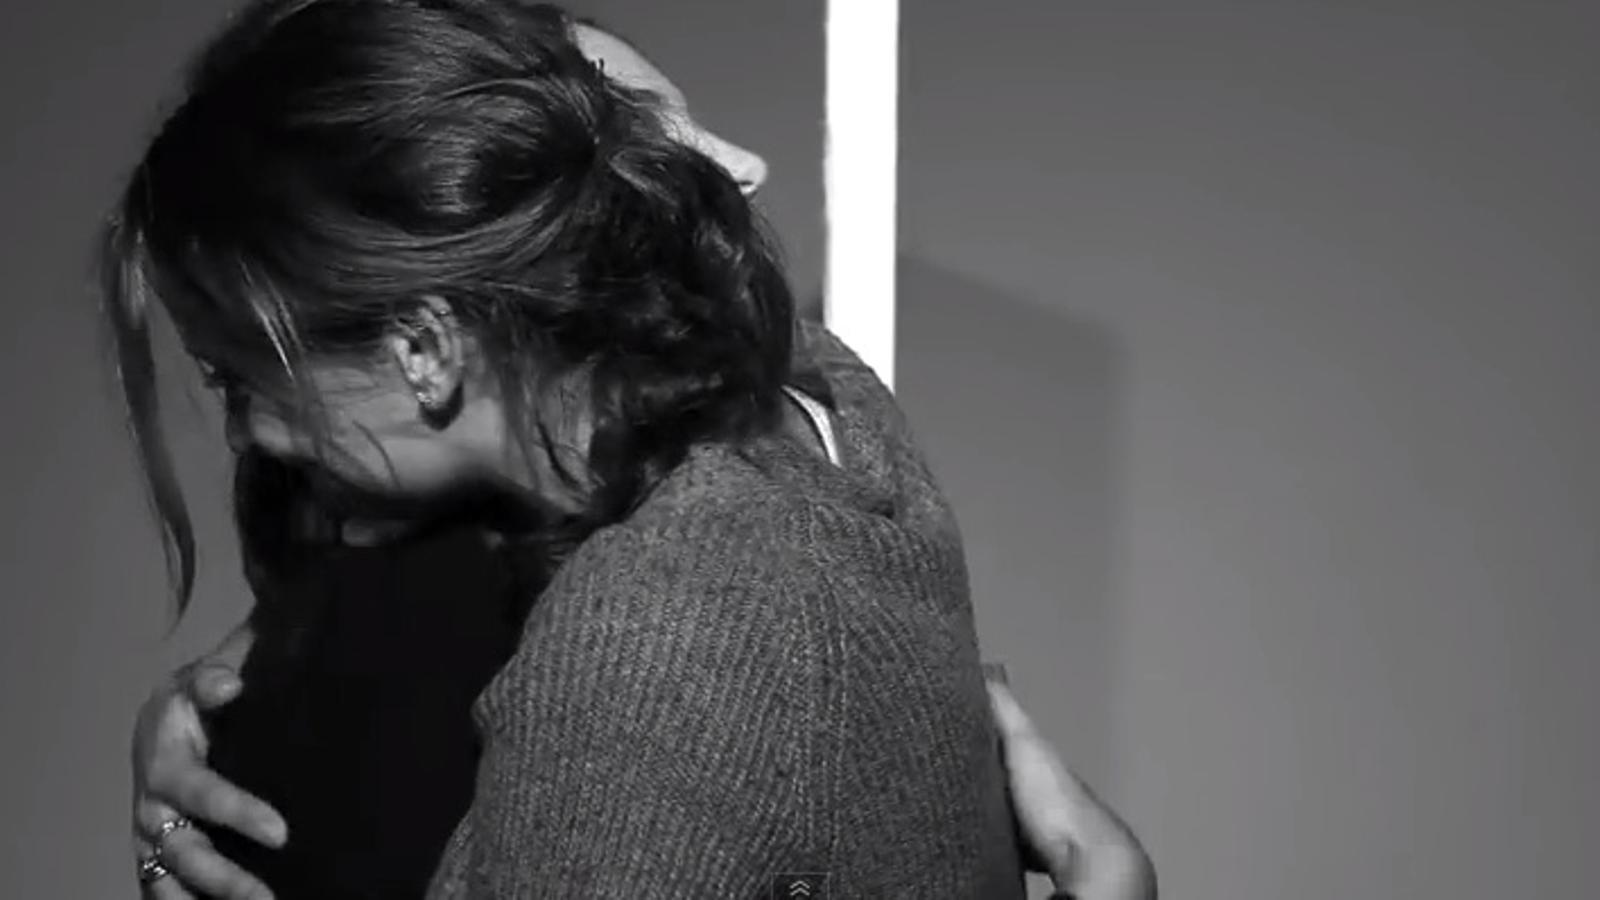 Quin desig demanen els malalts i familiars amb càncer?: el vídeo que emociona la xarxa